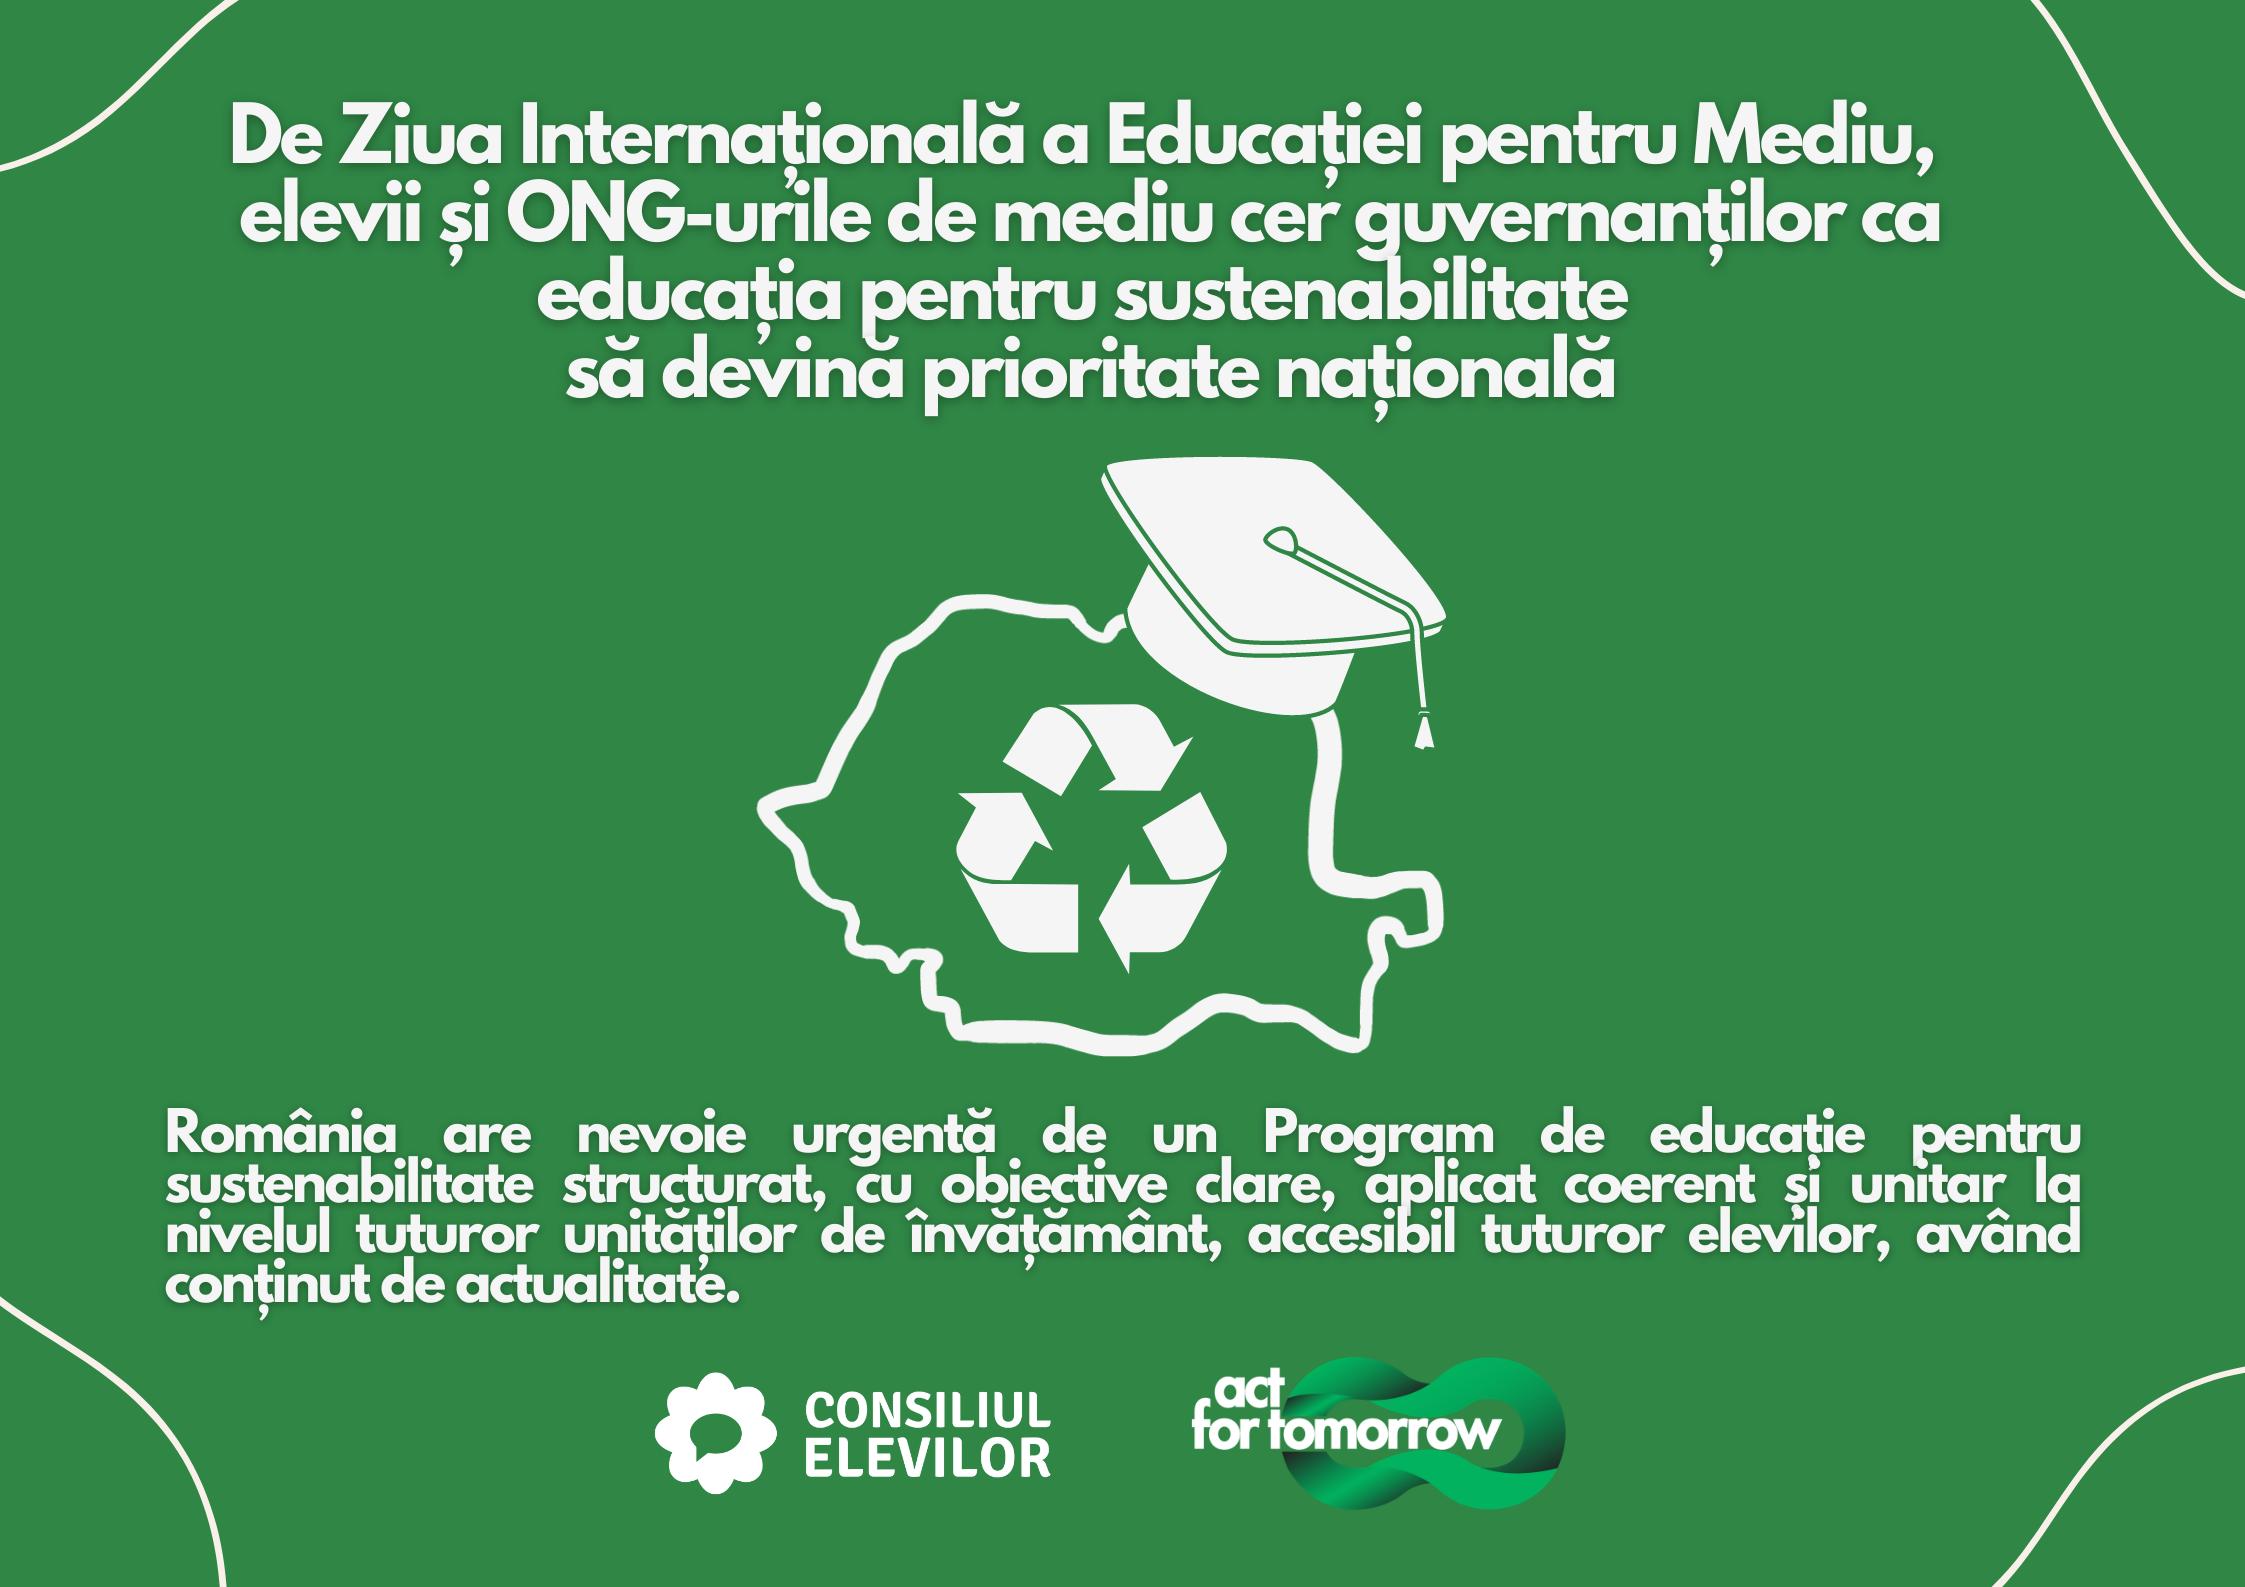 De Ziua Internațională a Educației pentru Mediu, elevii și ONG-urile de mediu cer guvernanților ca educația pentru sustenabilitate să devină prioritate națională